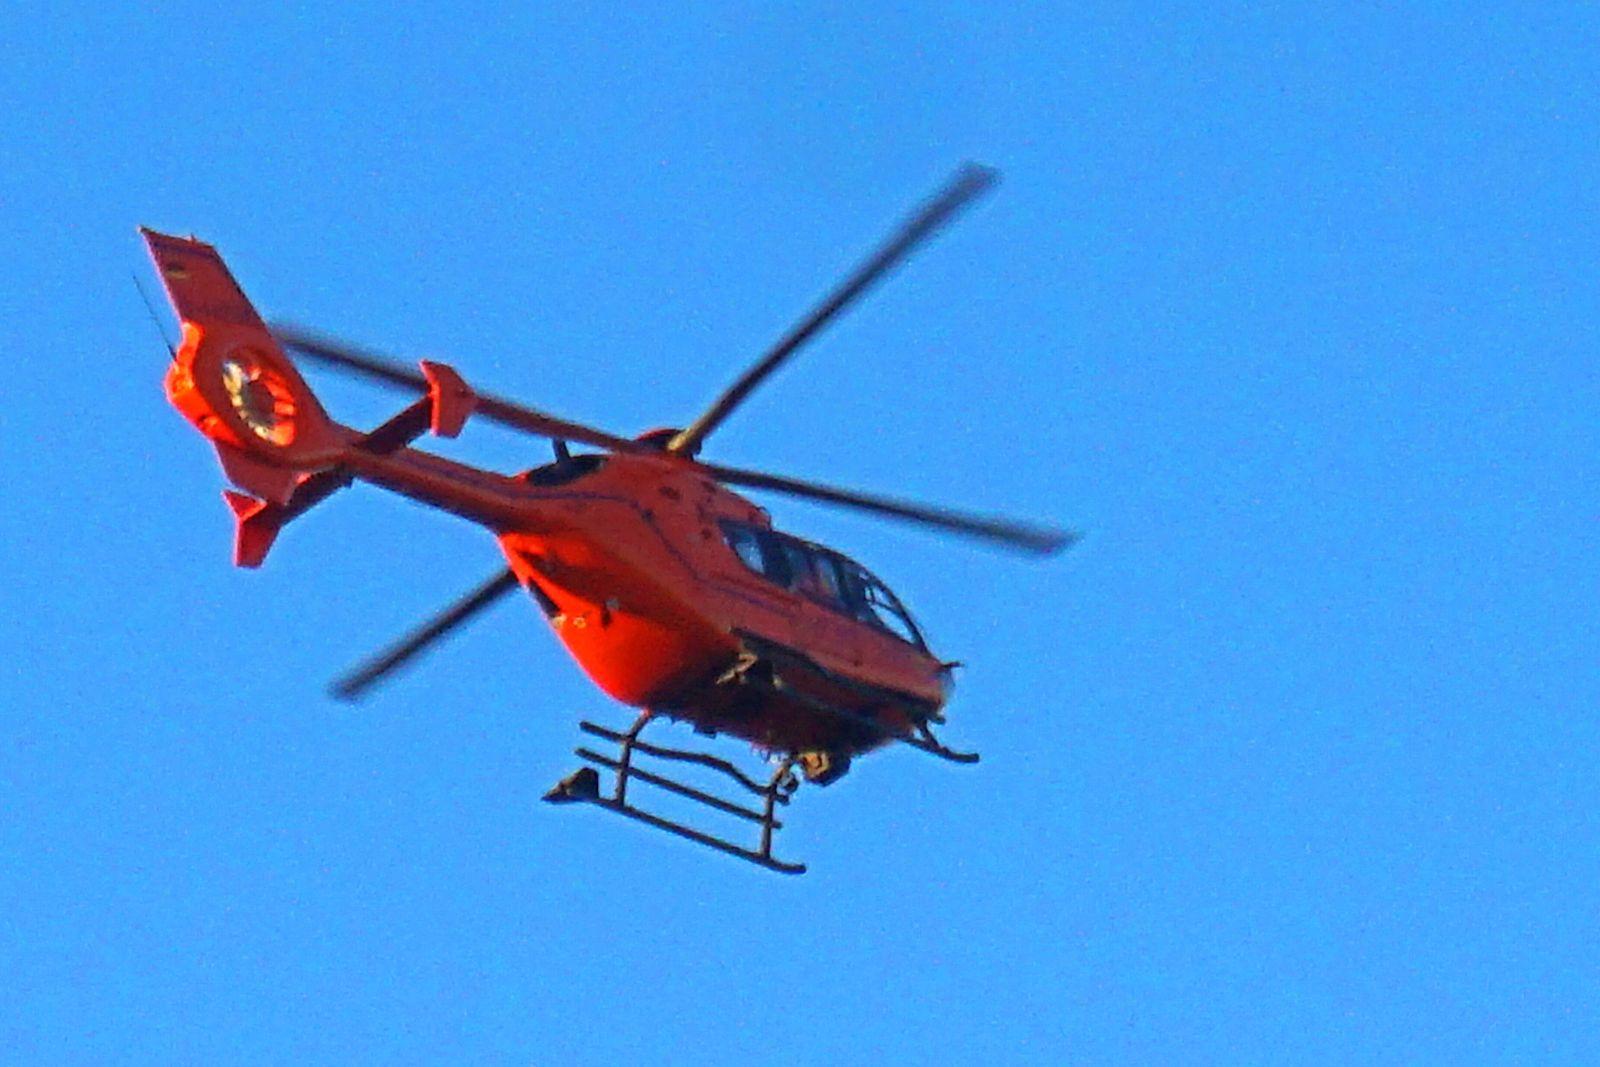 Rettungsdienst in der Luft INTERPOLIERT: Der Rettungshubschrauber Christoph 9 aus Duisburg vom Typ Eurocopter EC 135 T2i